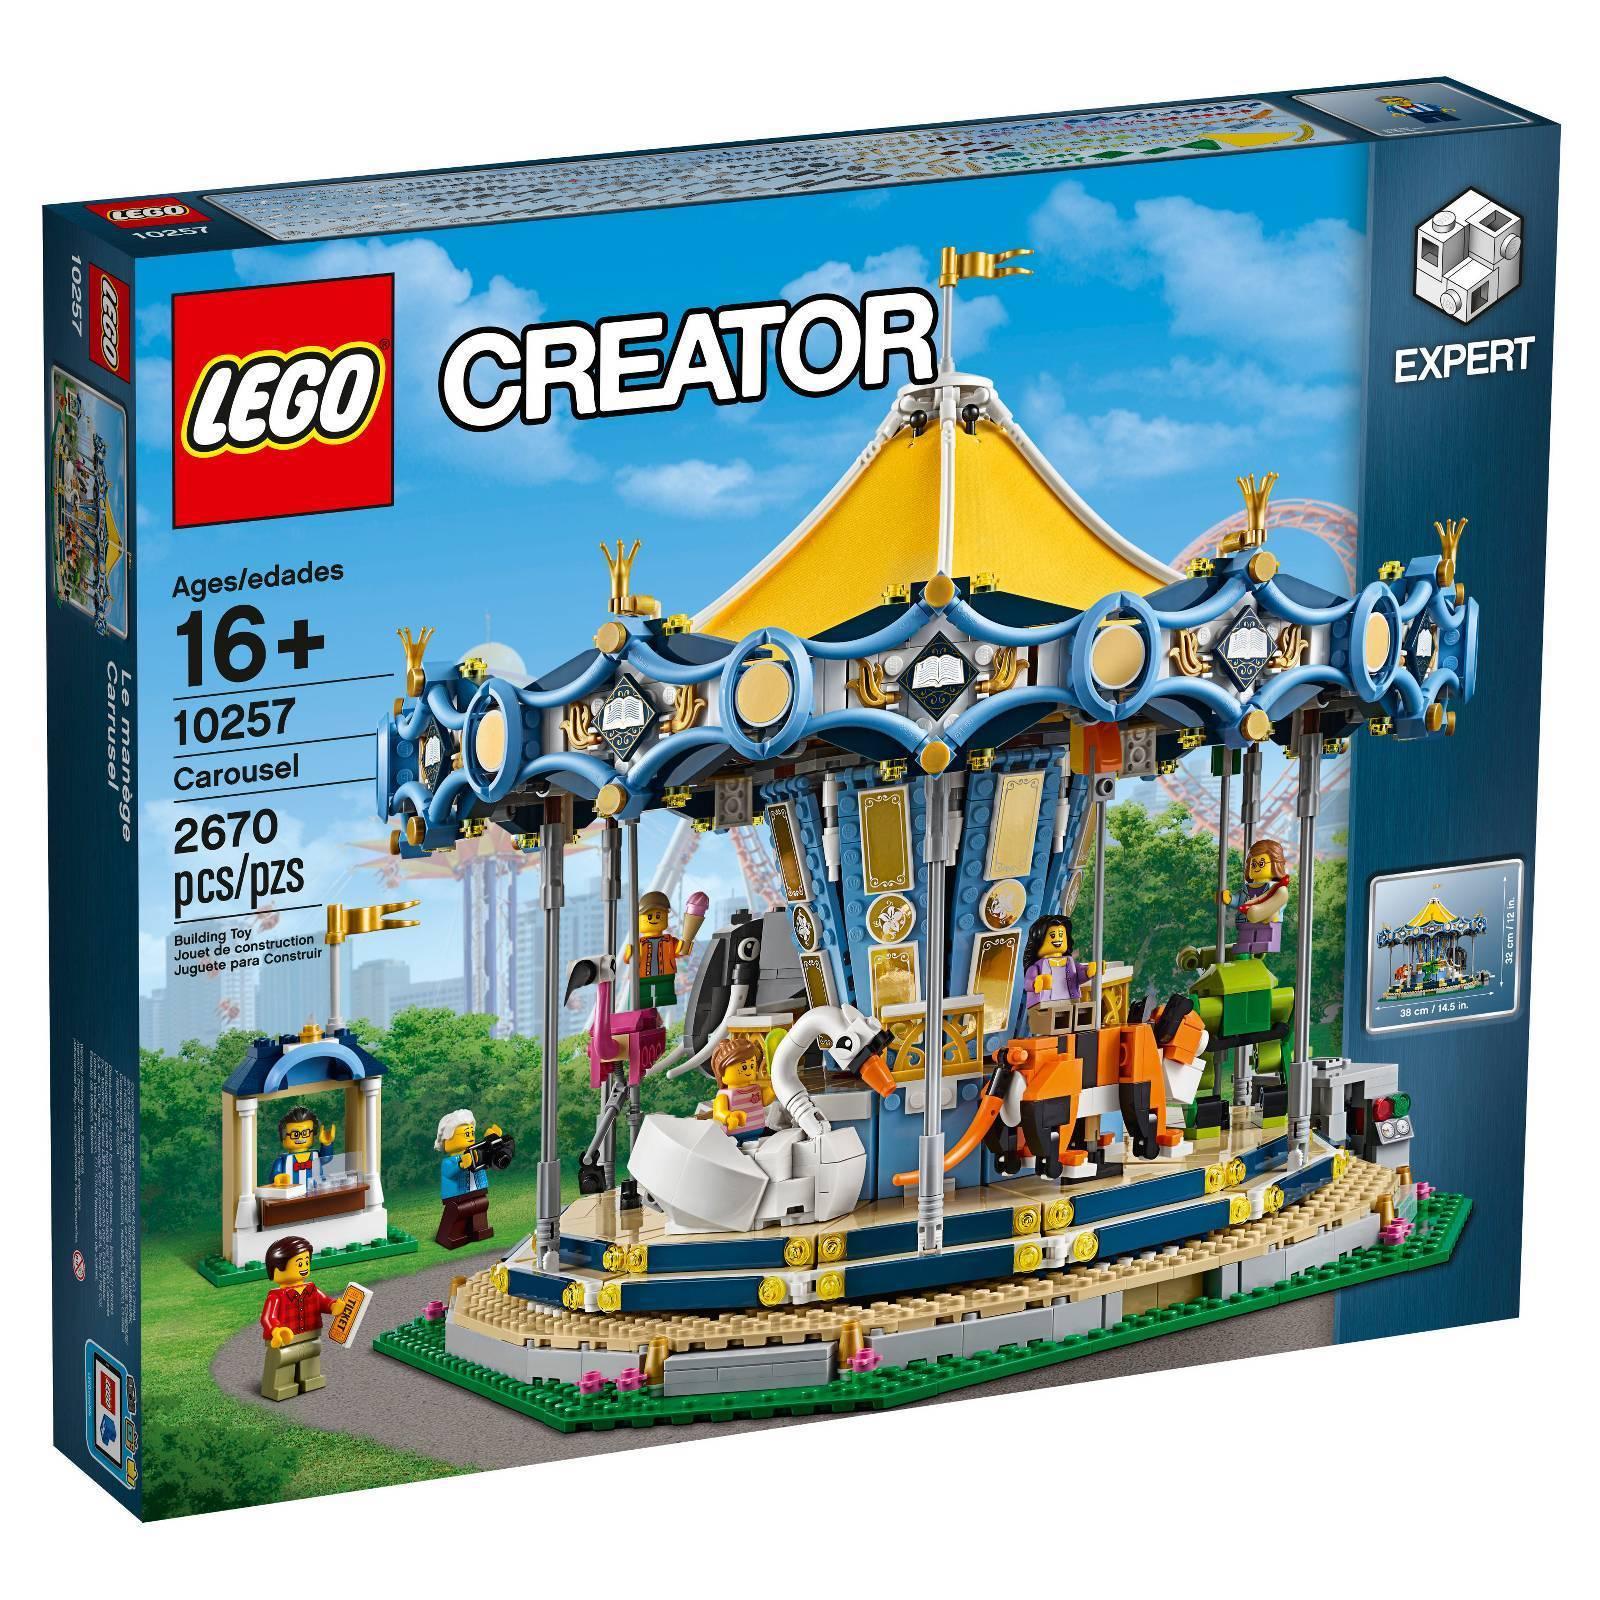 LEGO Creator Expert Carousel (10257) £129.98 @ Toys r us